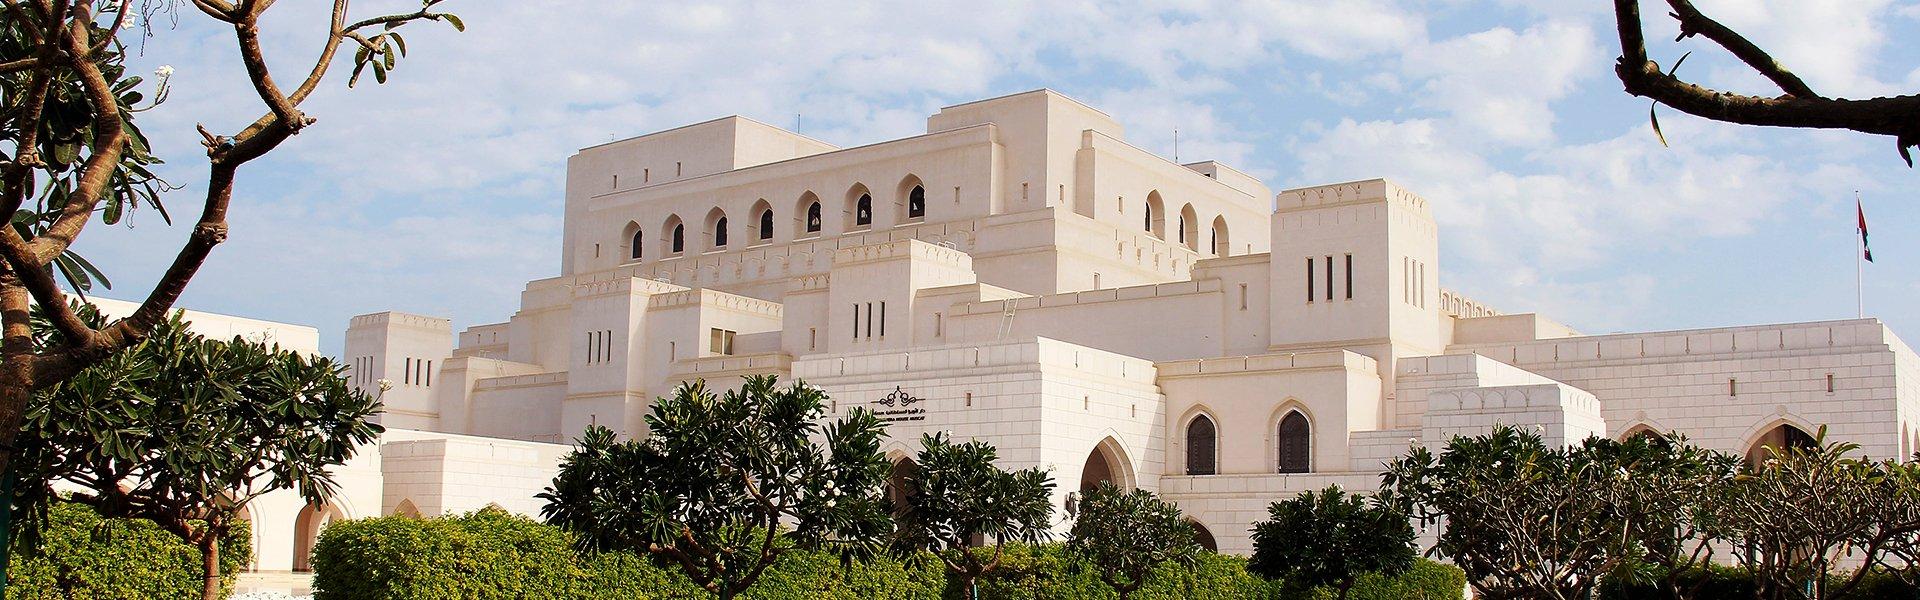 Opera in Muscat, Oman